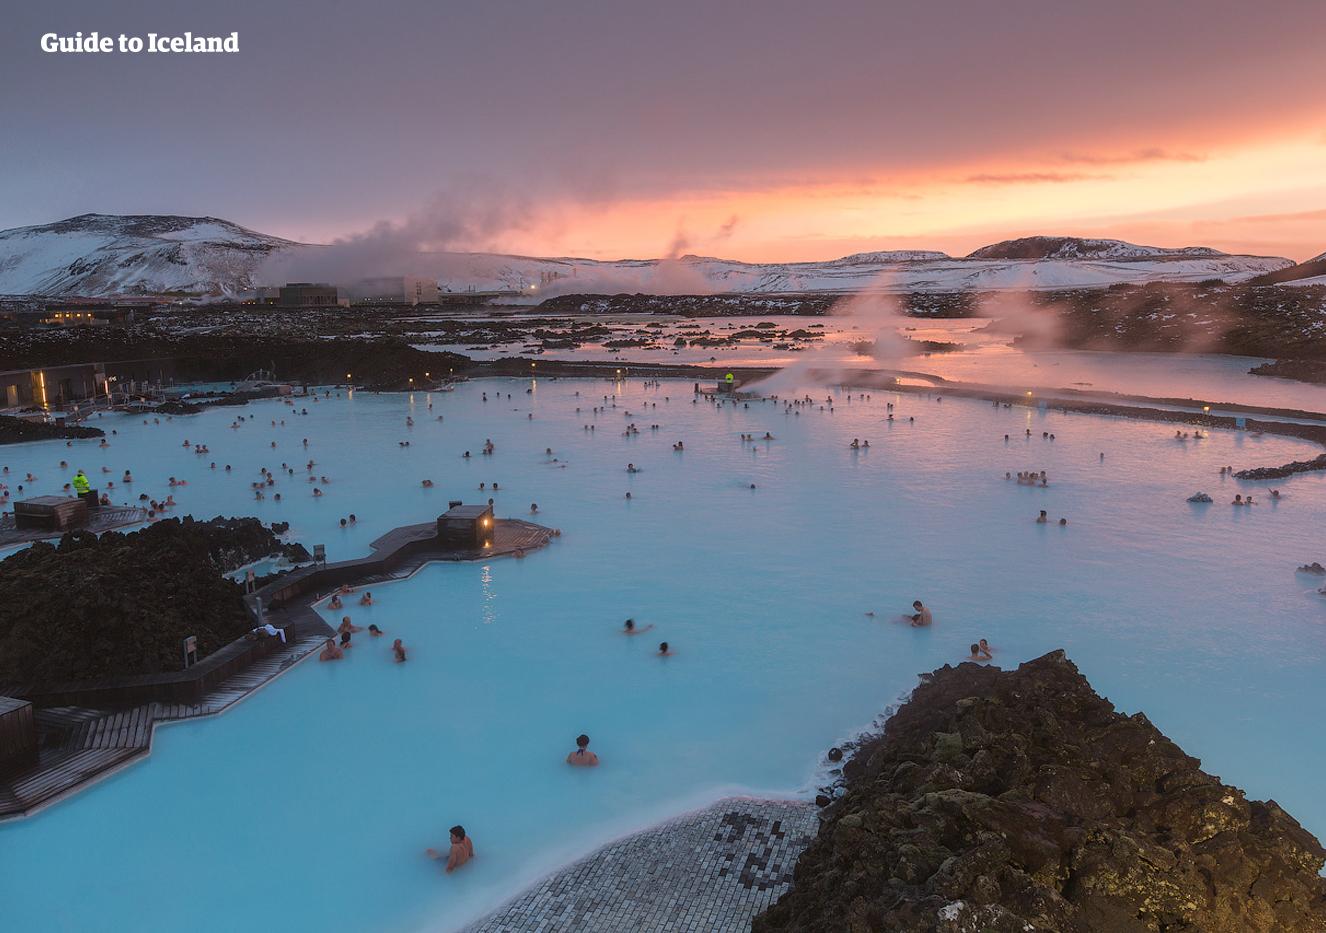 아이슬란드의 유명한 관광지, 블루라구 스파.